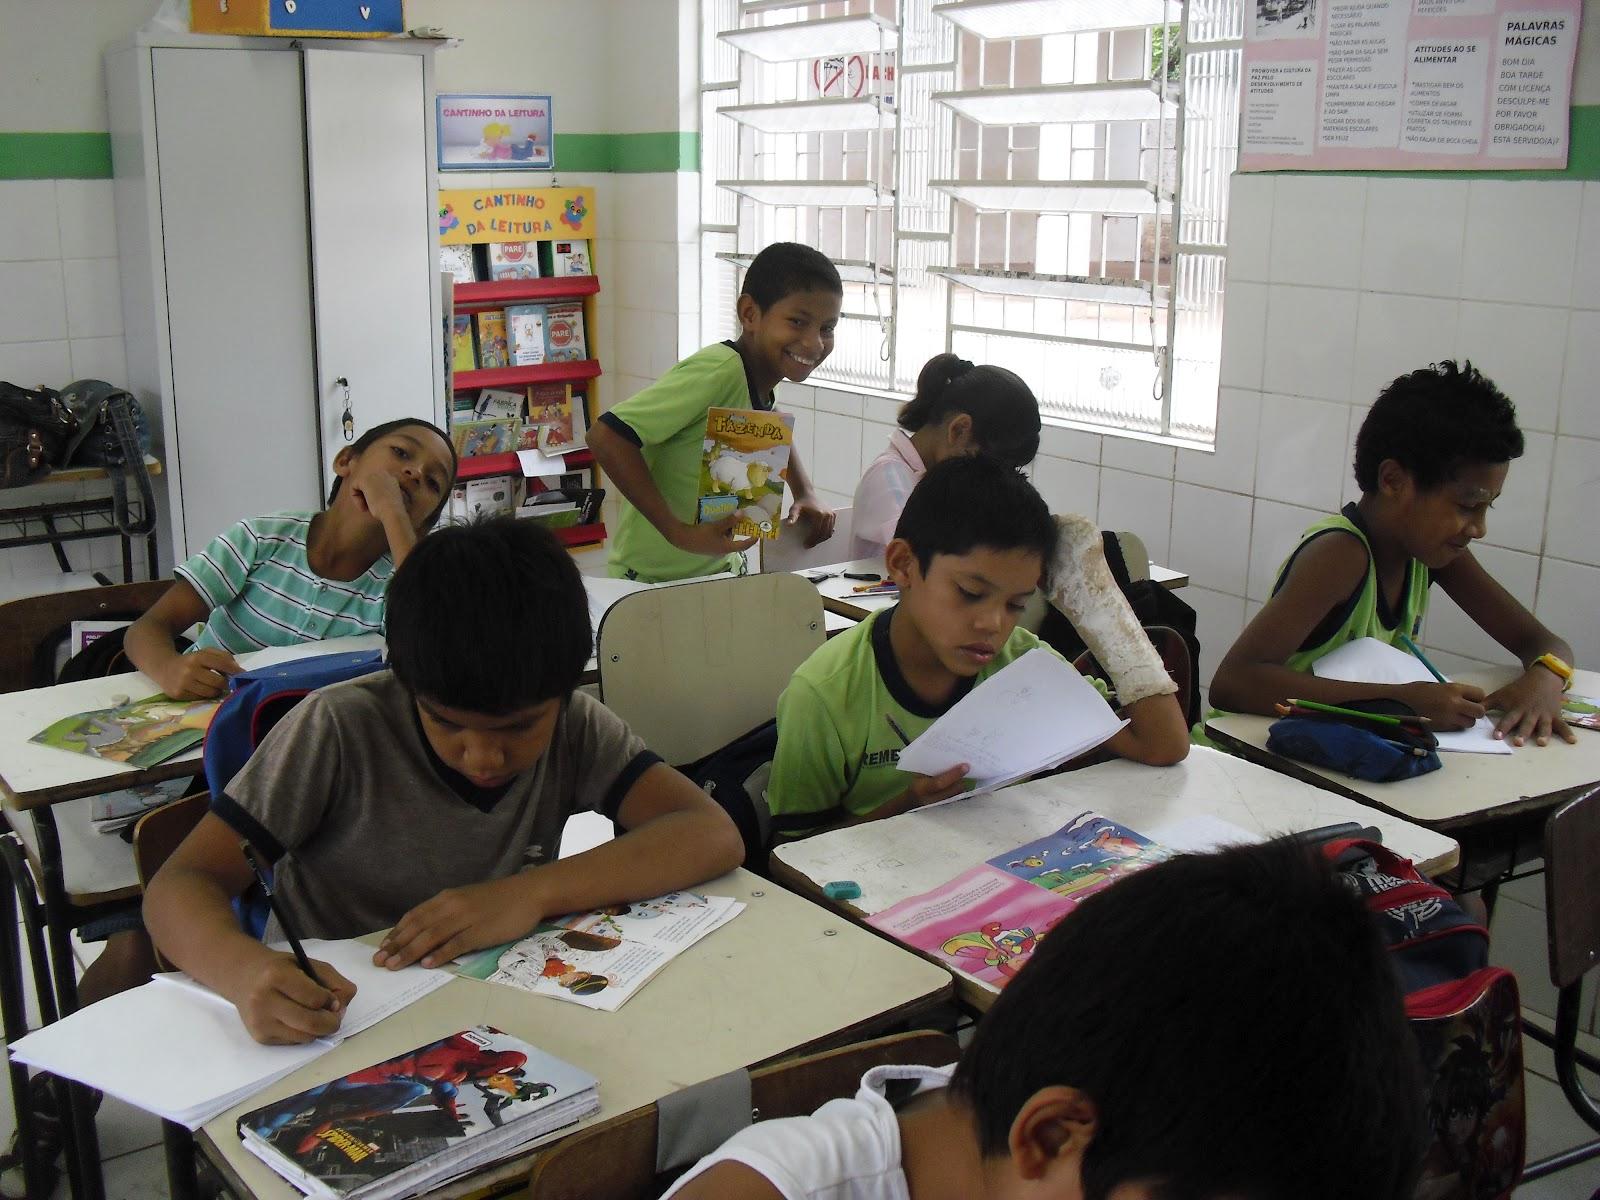 #67422E Escola Experimental de Educação Integral Rachid Bardauil 1600x1200 px Projeto Cozinha Experimental Na Escola #2535 imagens